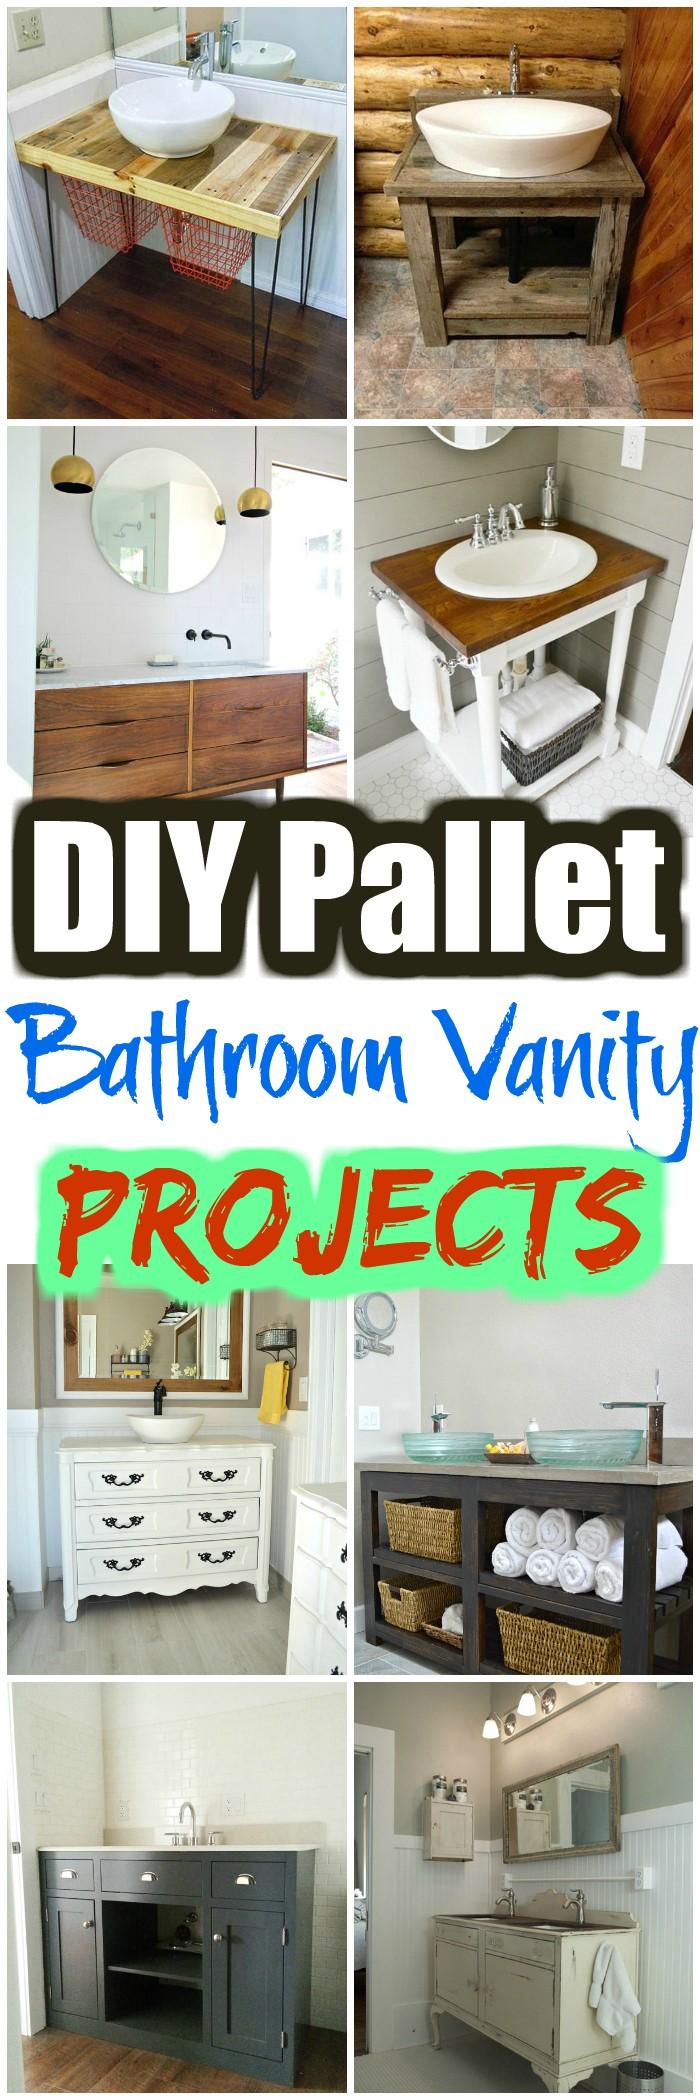 DIY Pallet Bathroom Vanity